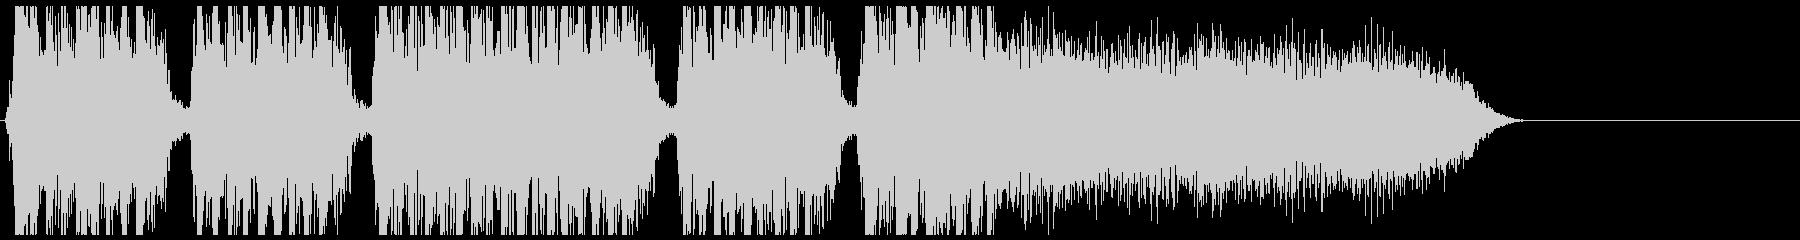 メタルコア系のジングル曲です。の未再生の波形